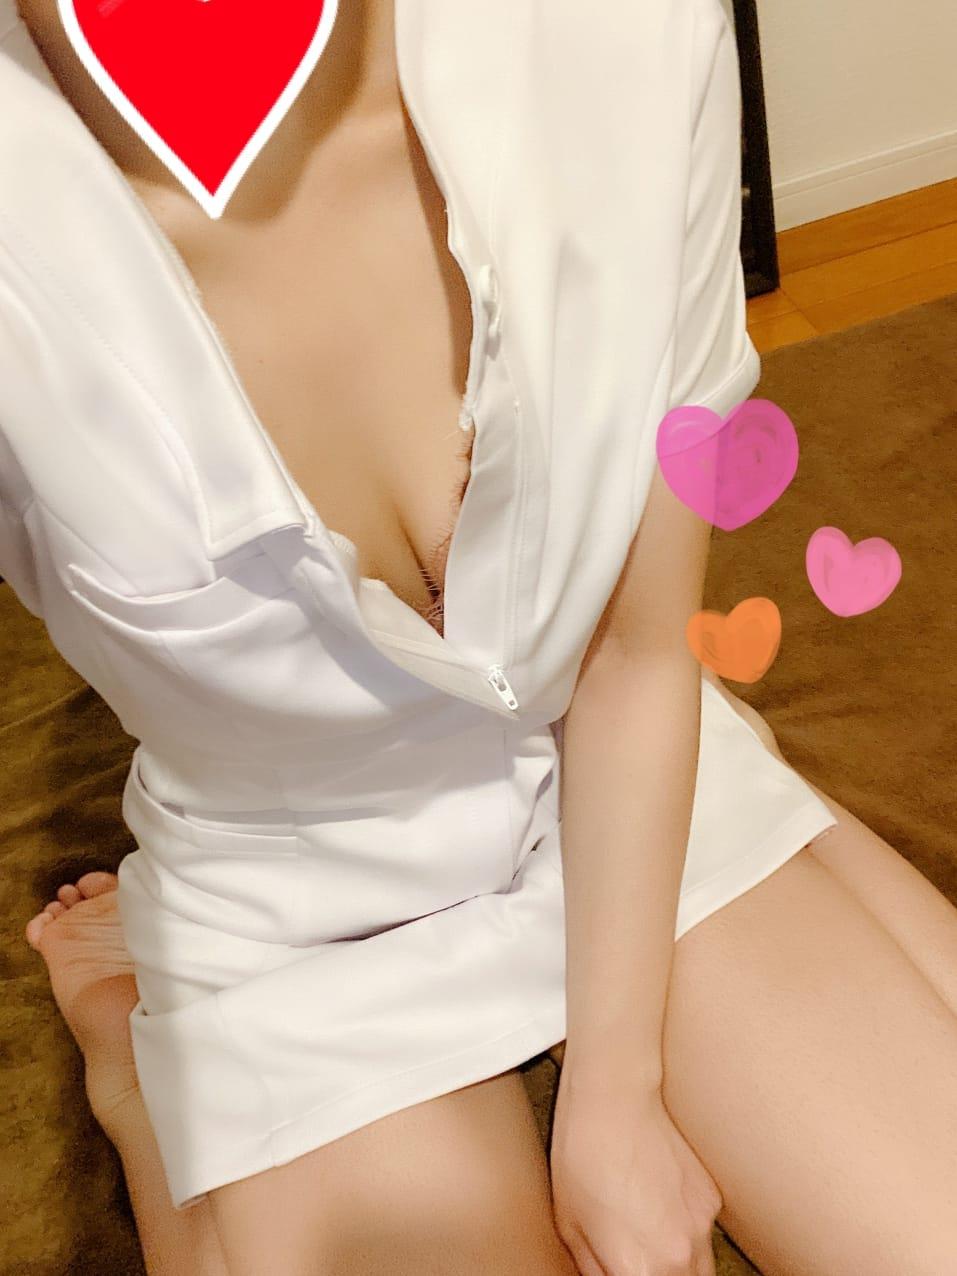 千秋 (ちあき)・Bランク「おはようございます☀️」02/25(木) 05:55 | 千秋 (ちあき)・Bランクの写メ・風俗動画